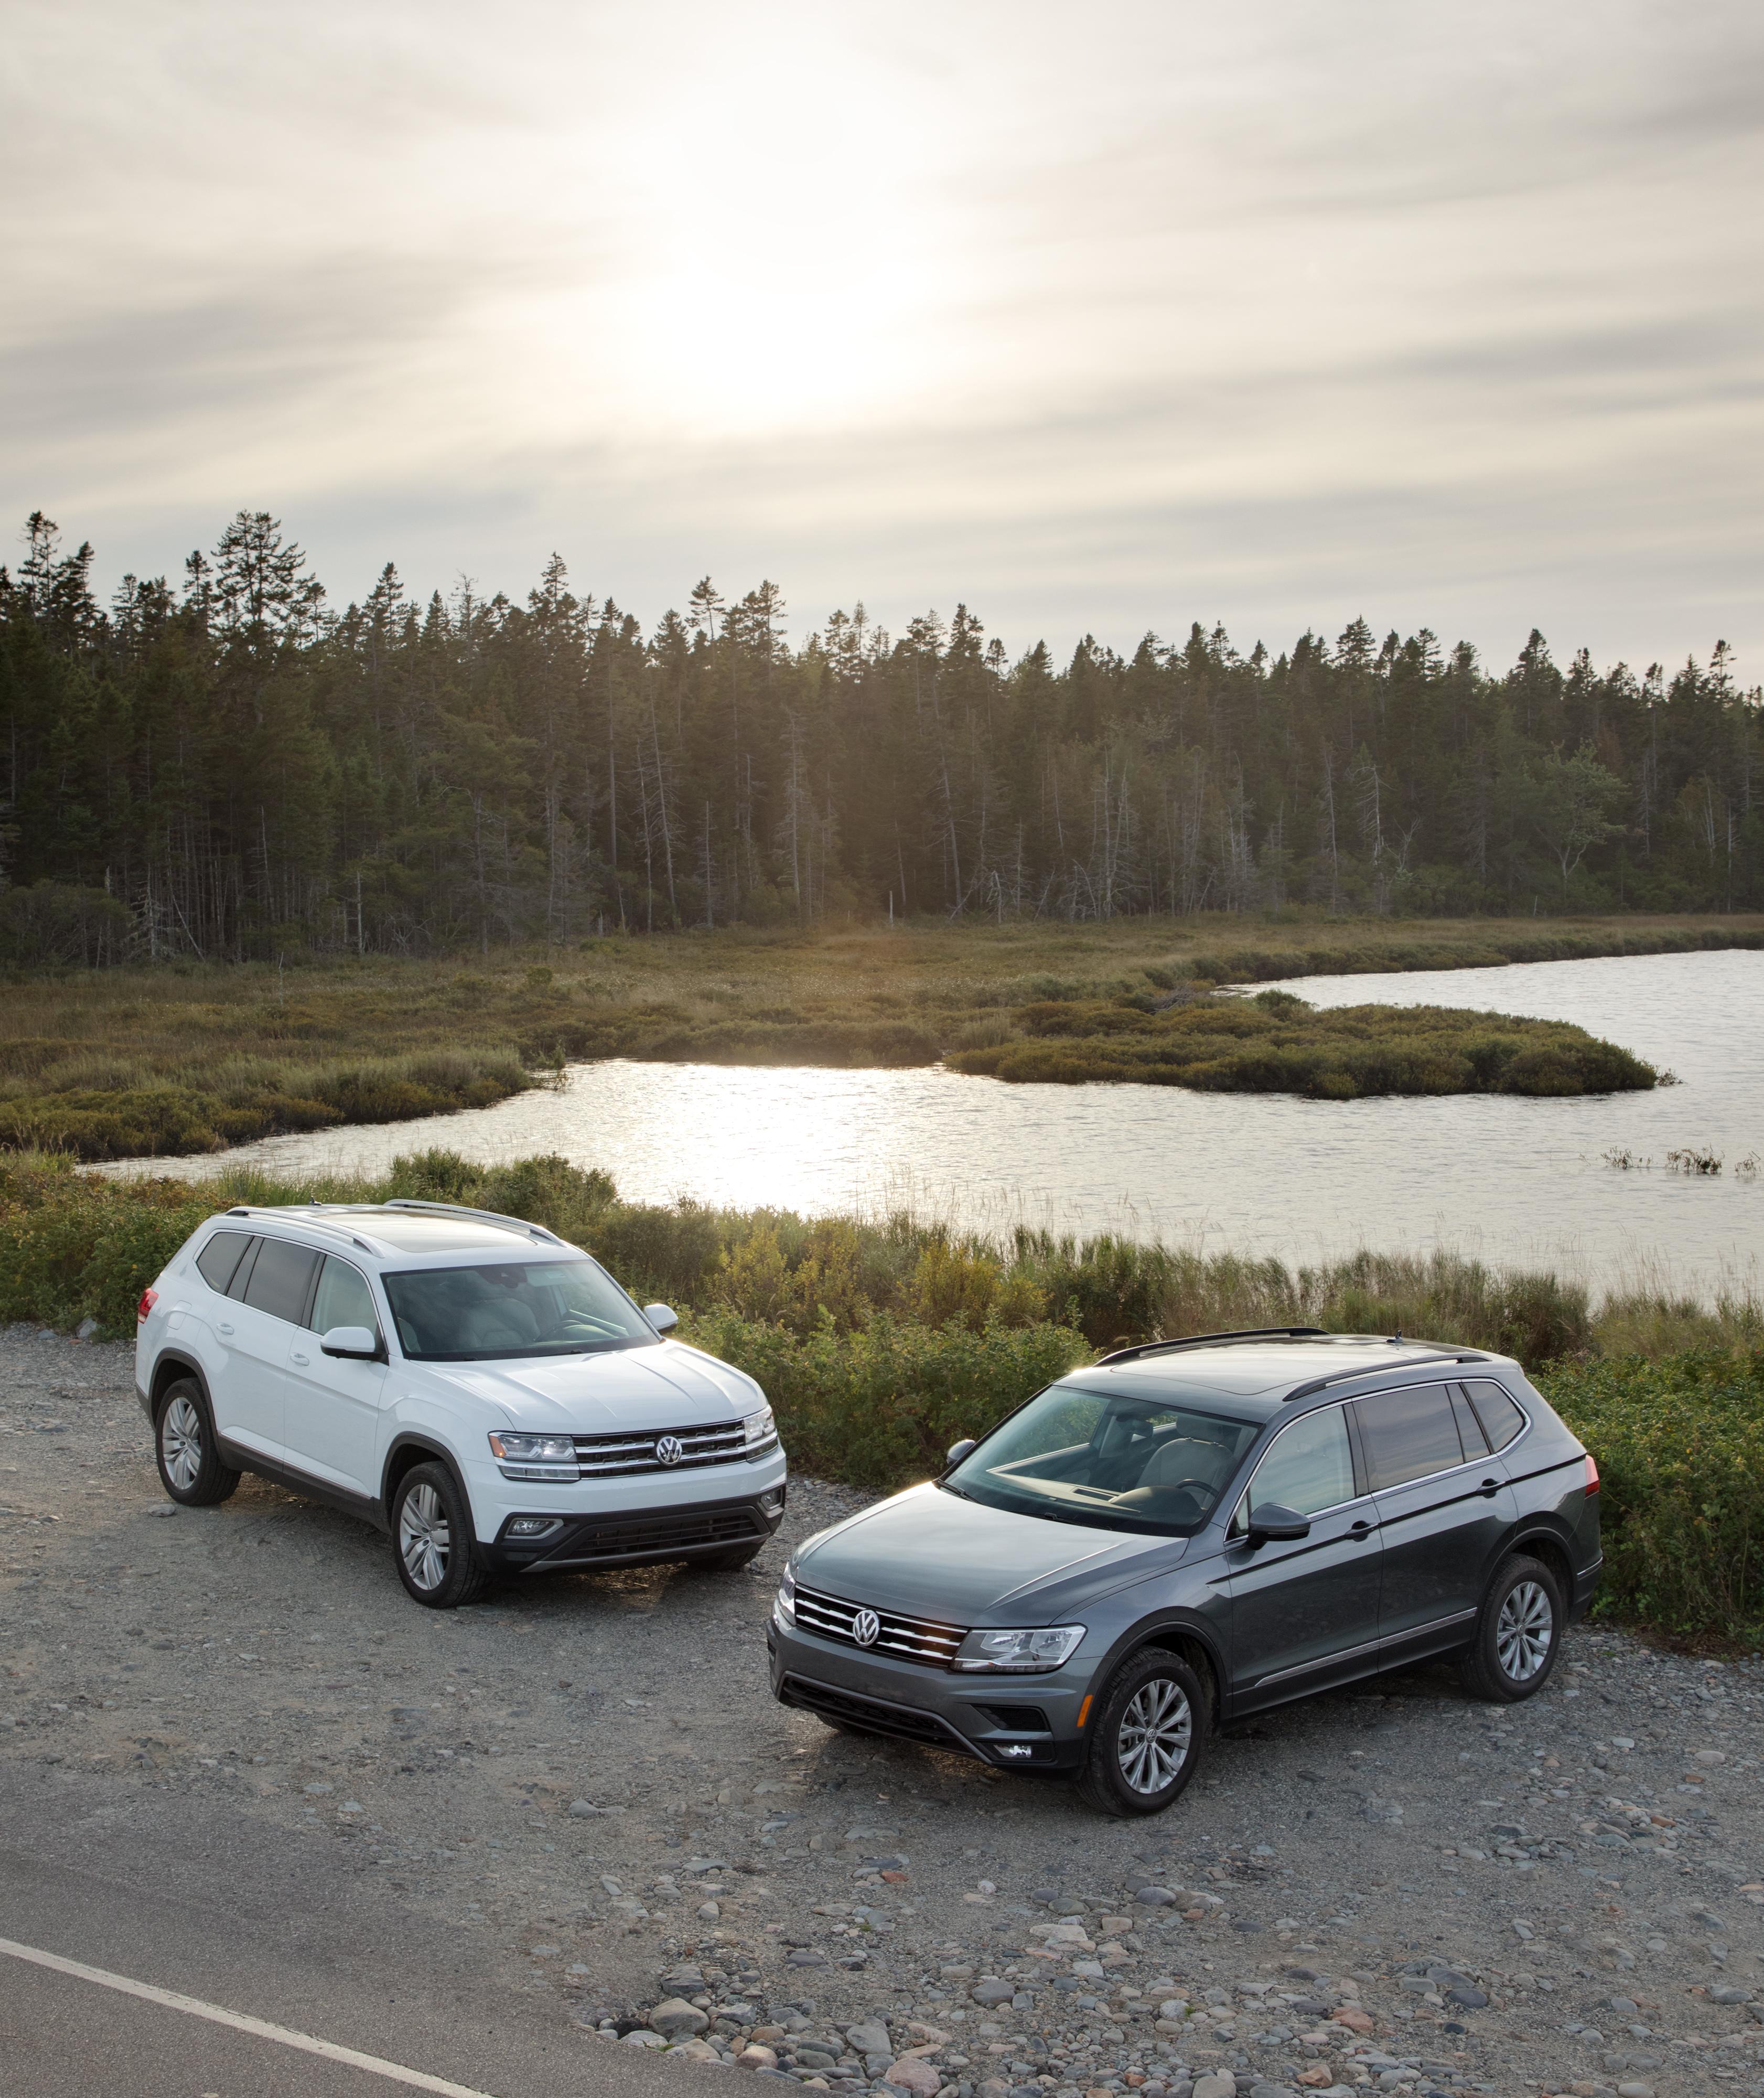 VOLKSWAGEN OF AMERICA REPORTS OCTOBER 2017 SALES RESULTS - Volkswagen Media Site